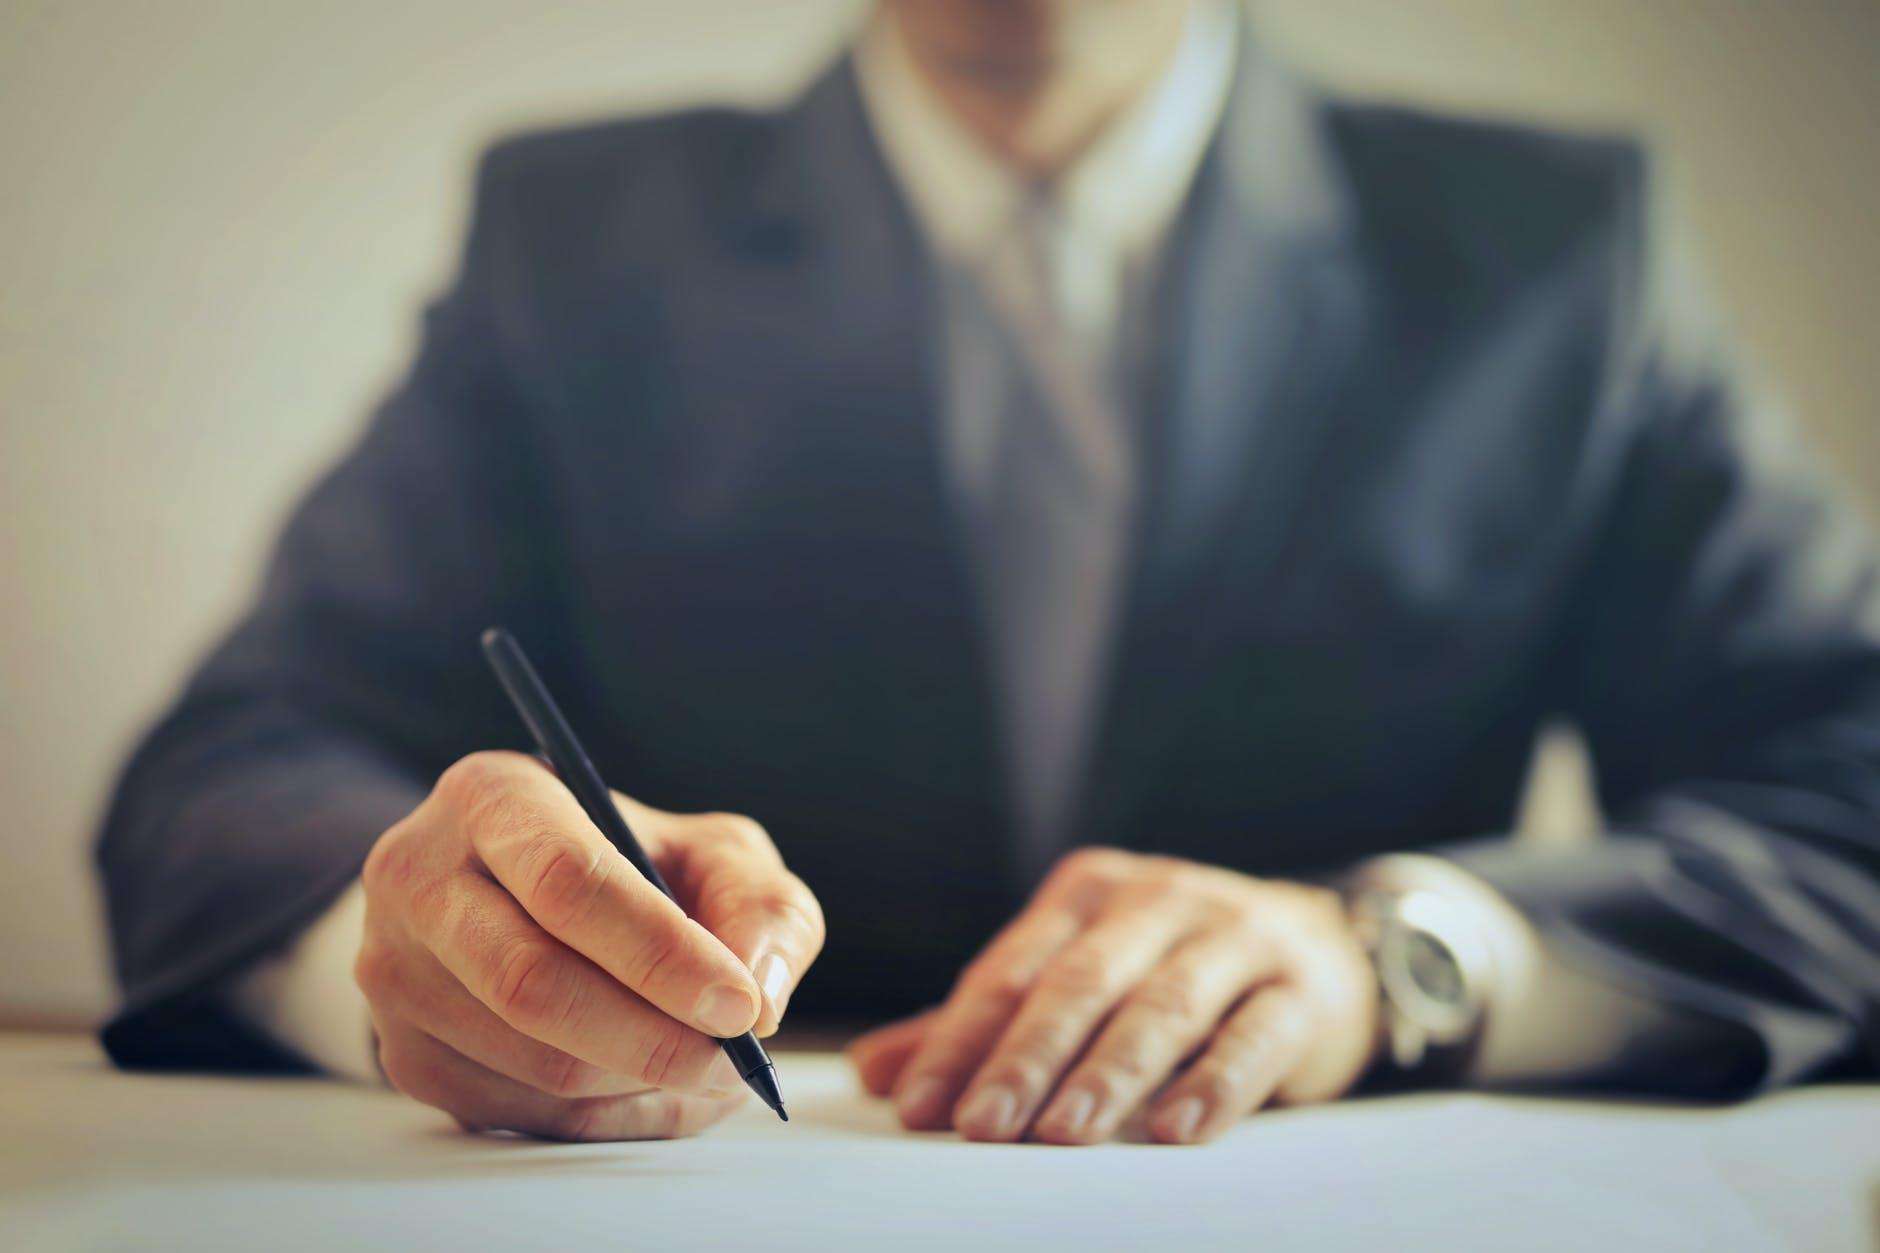 Un homme signe un compromis de vente